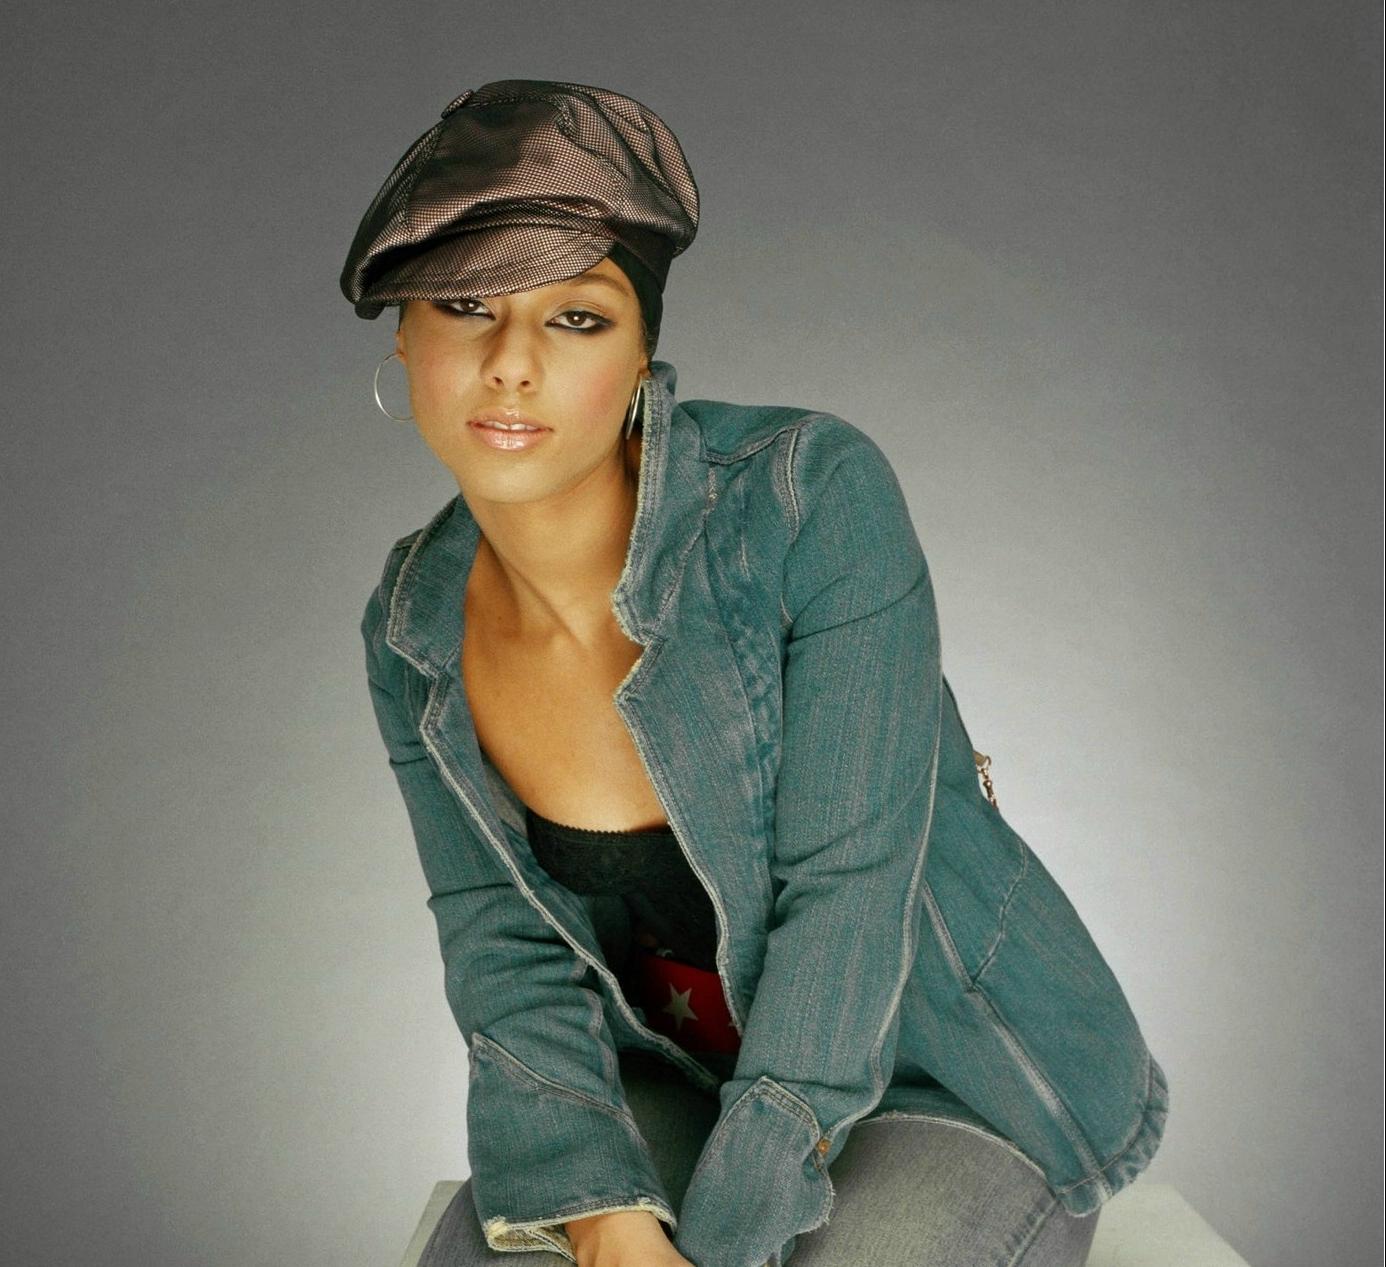 Алиша Кис (Alicia Keys) в фотосессии Джейсона Белла (Jason Bell) (2002